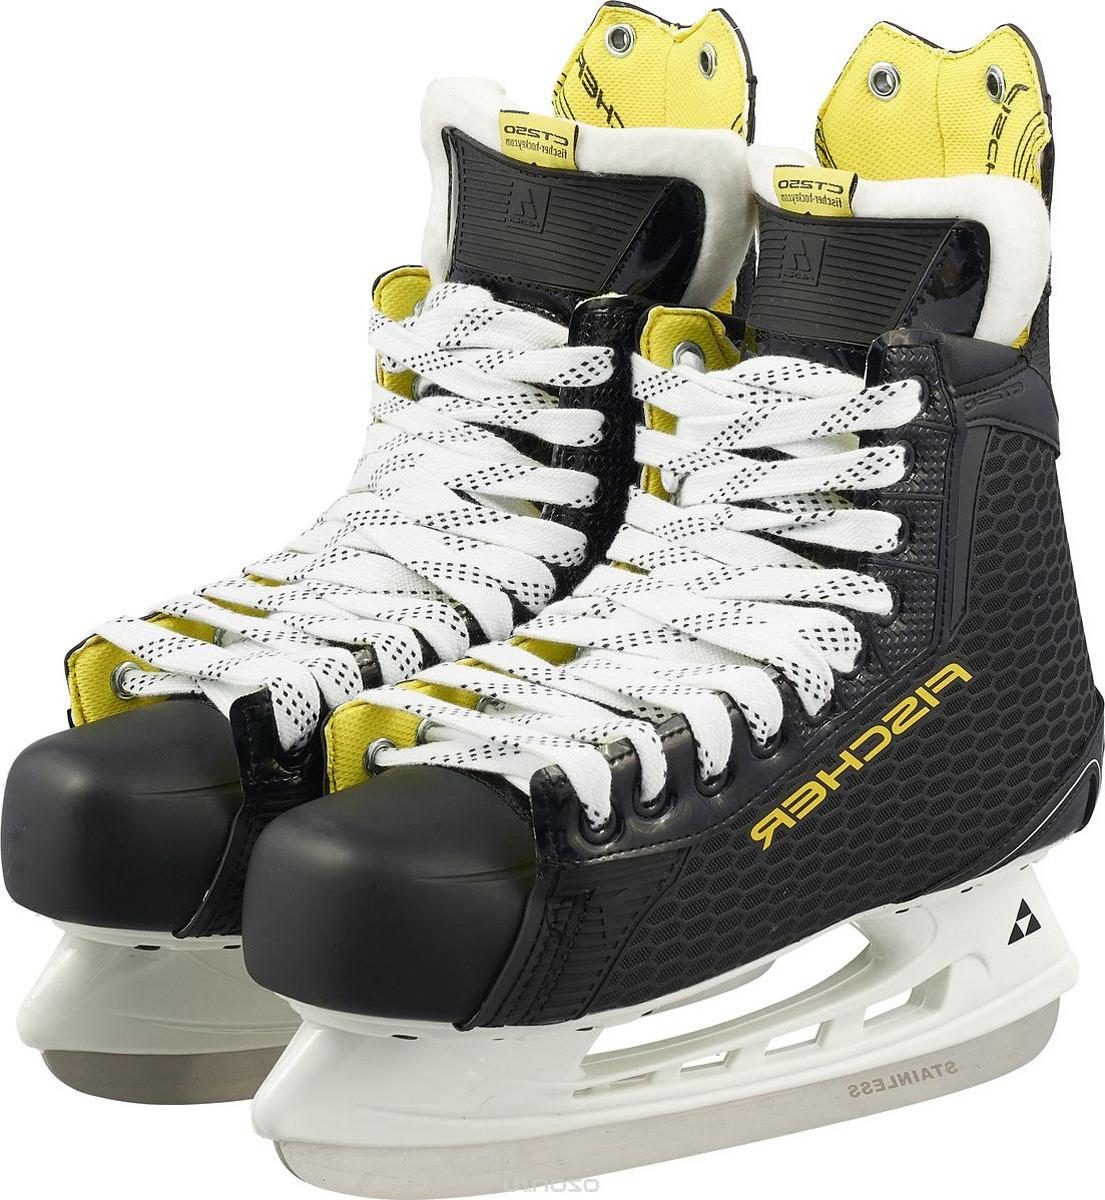 Коньки хоккейные мужские Fischer CT250 SR, цвет: черный. H04017. Размер 39 bauer коньки хоккейные bauer s17 vapor x700